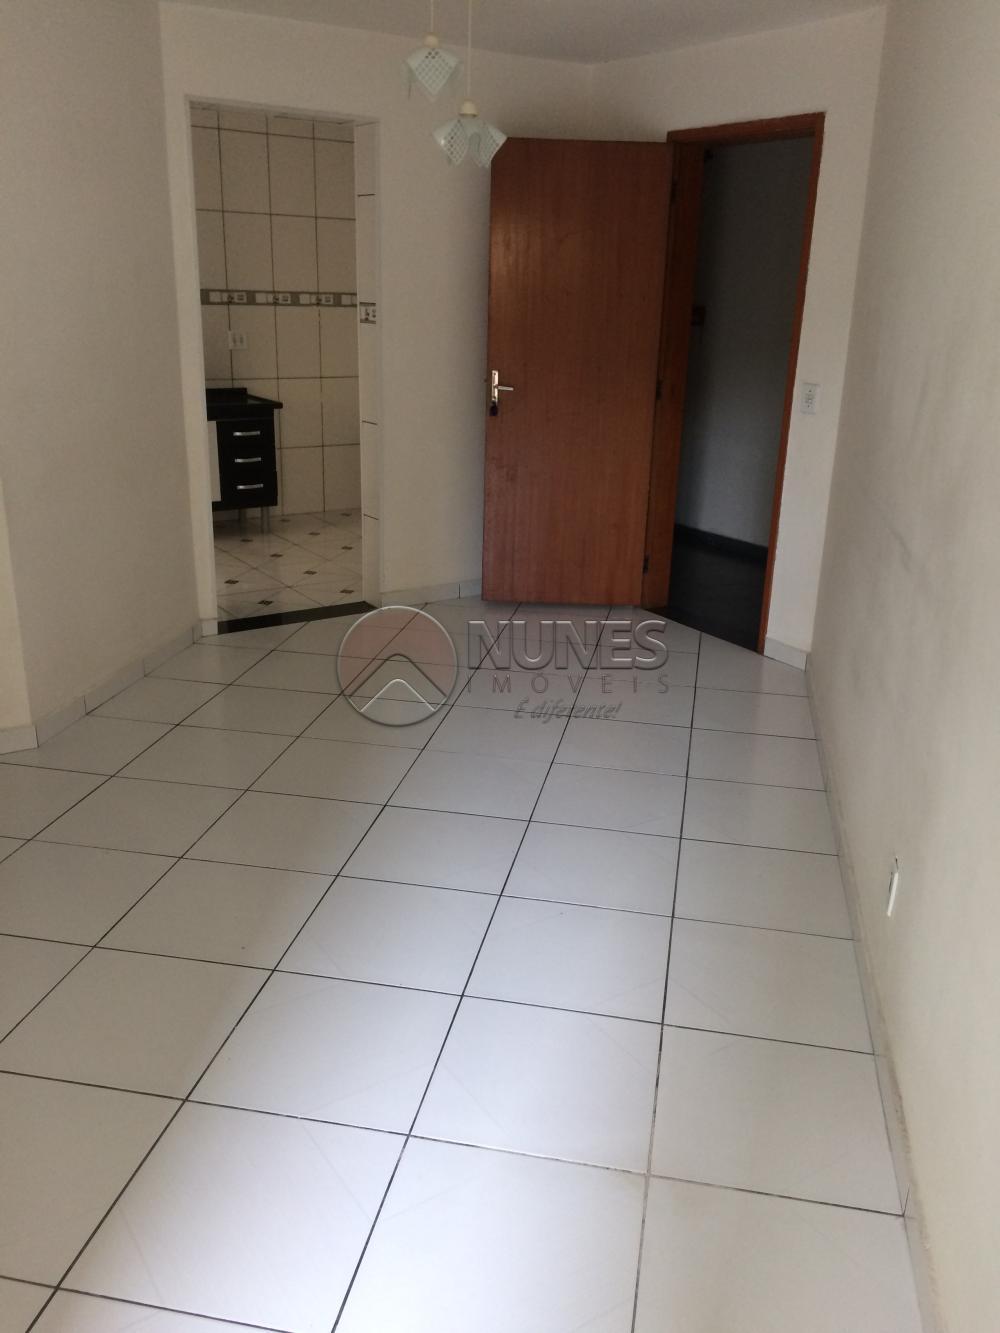 Comprar Apartamento / Padrão em Osasco apenas R$ 120.000,00 - Foto 5